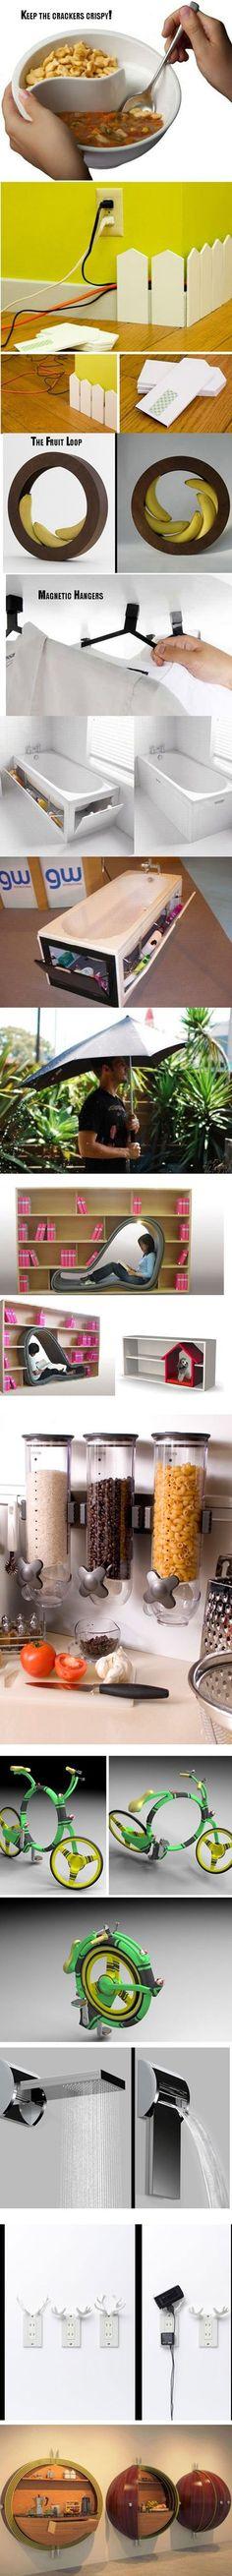 Ich will dieses Bücherregal